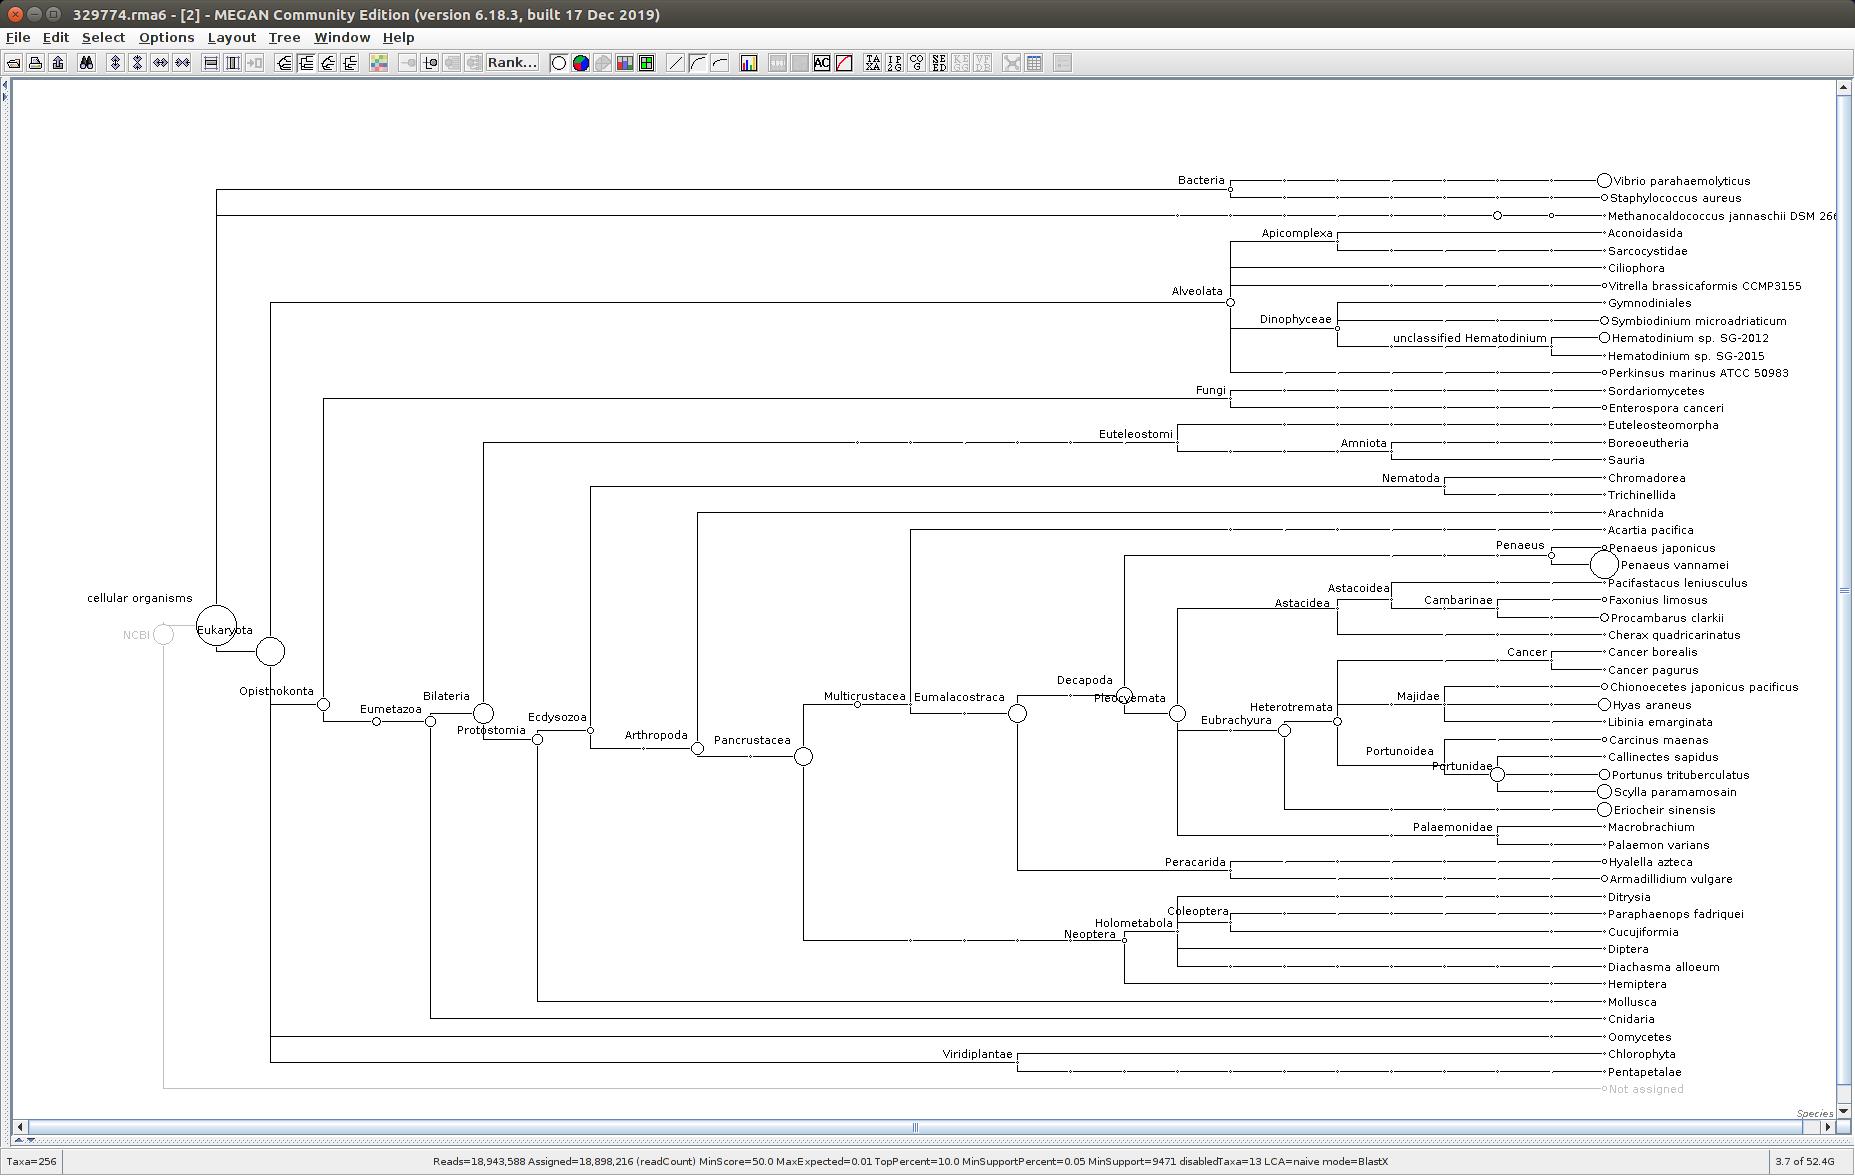 329774 MEGAN6 taxonomic tree